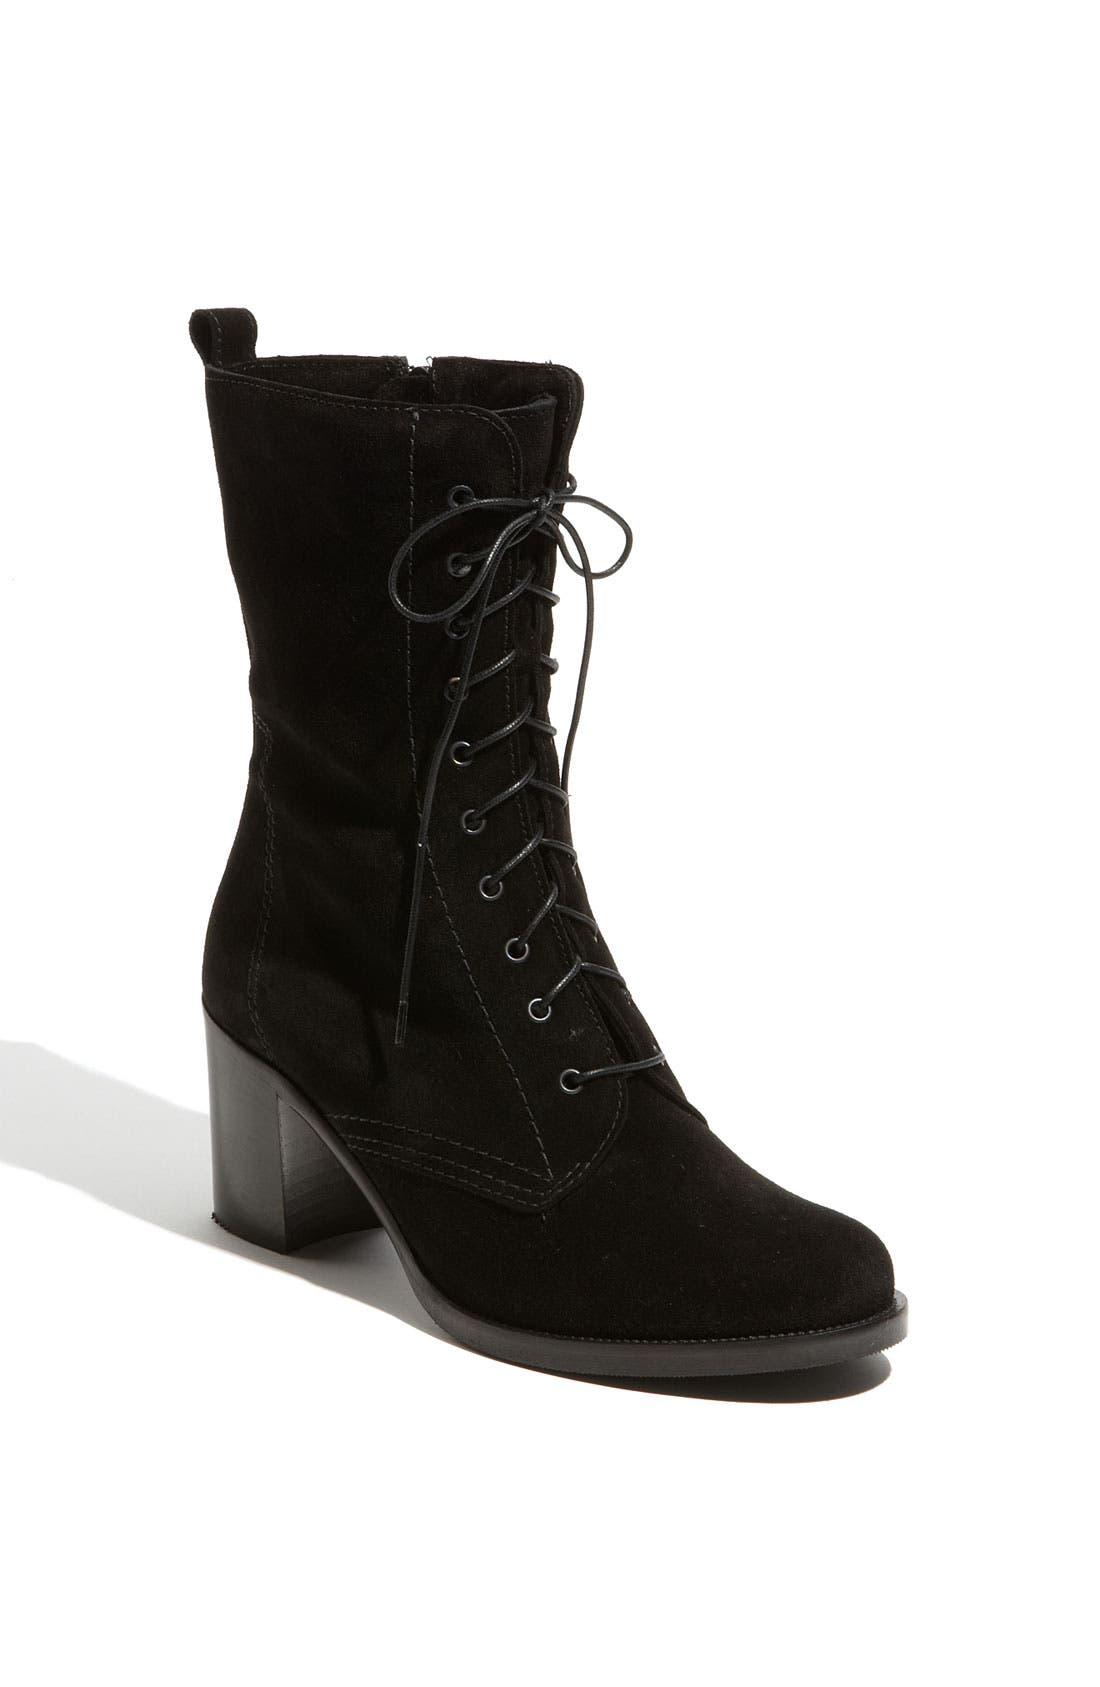 Main Image - La Canadienne 'Paula' Boot